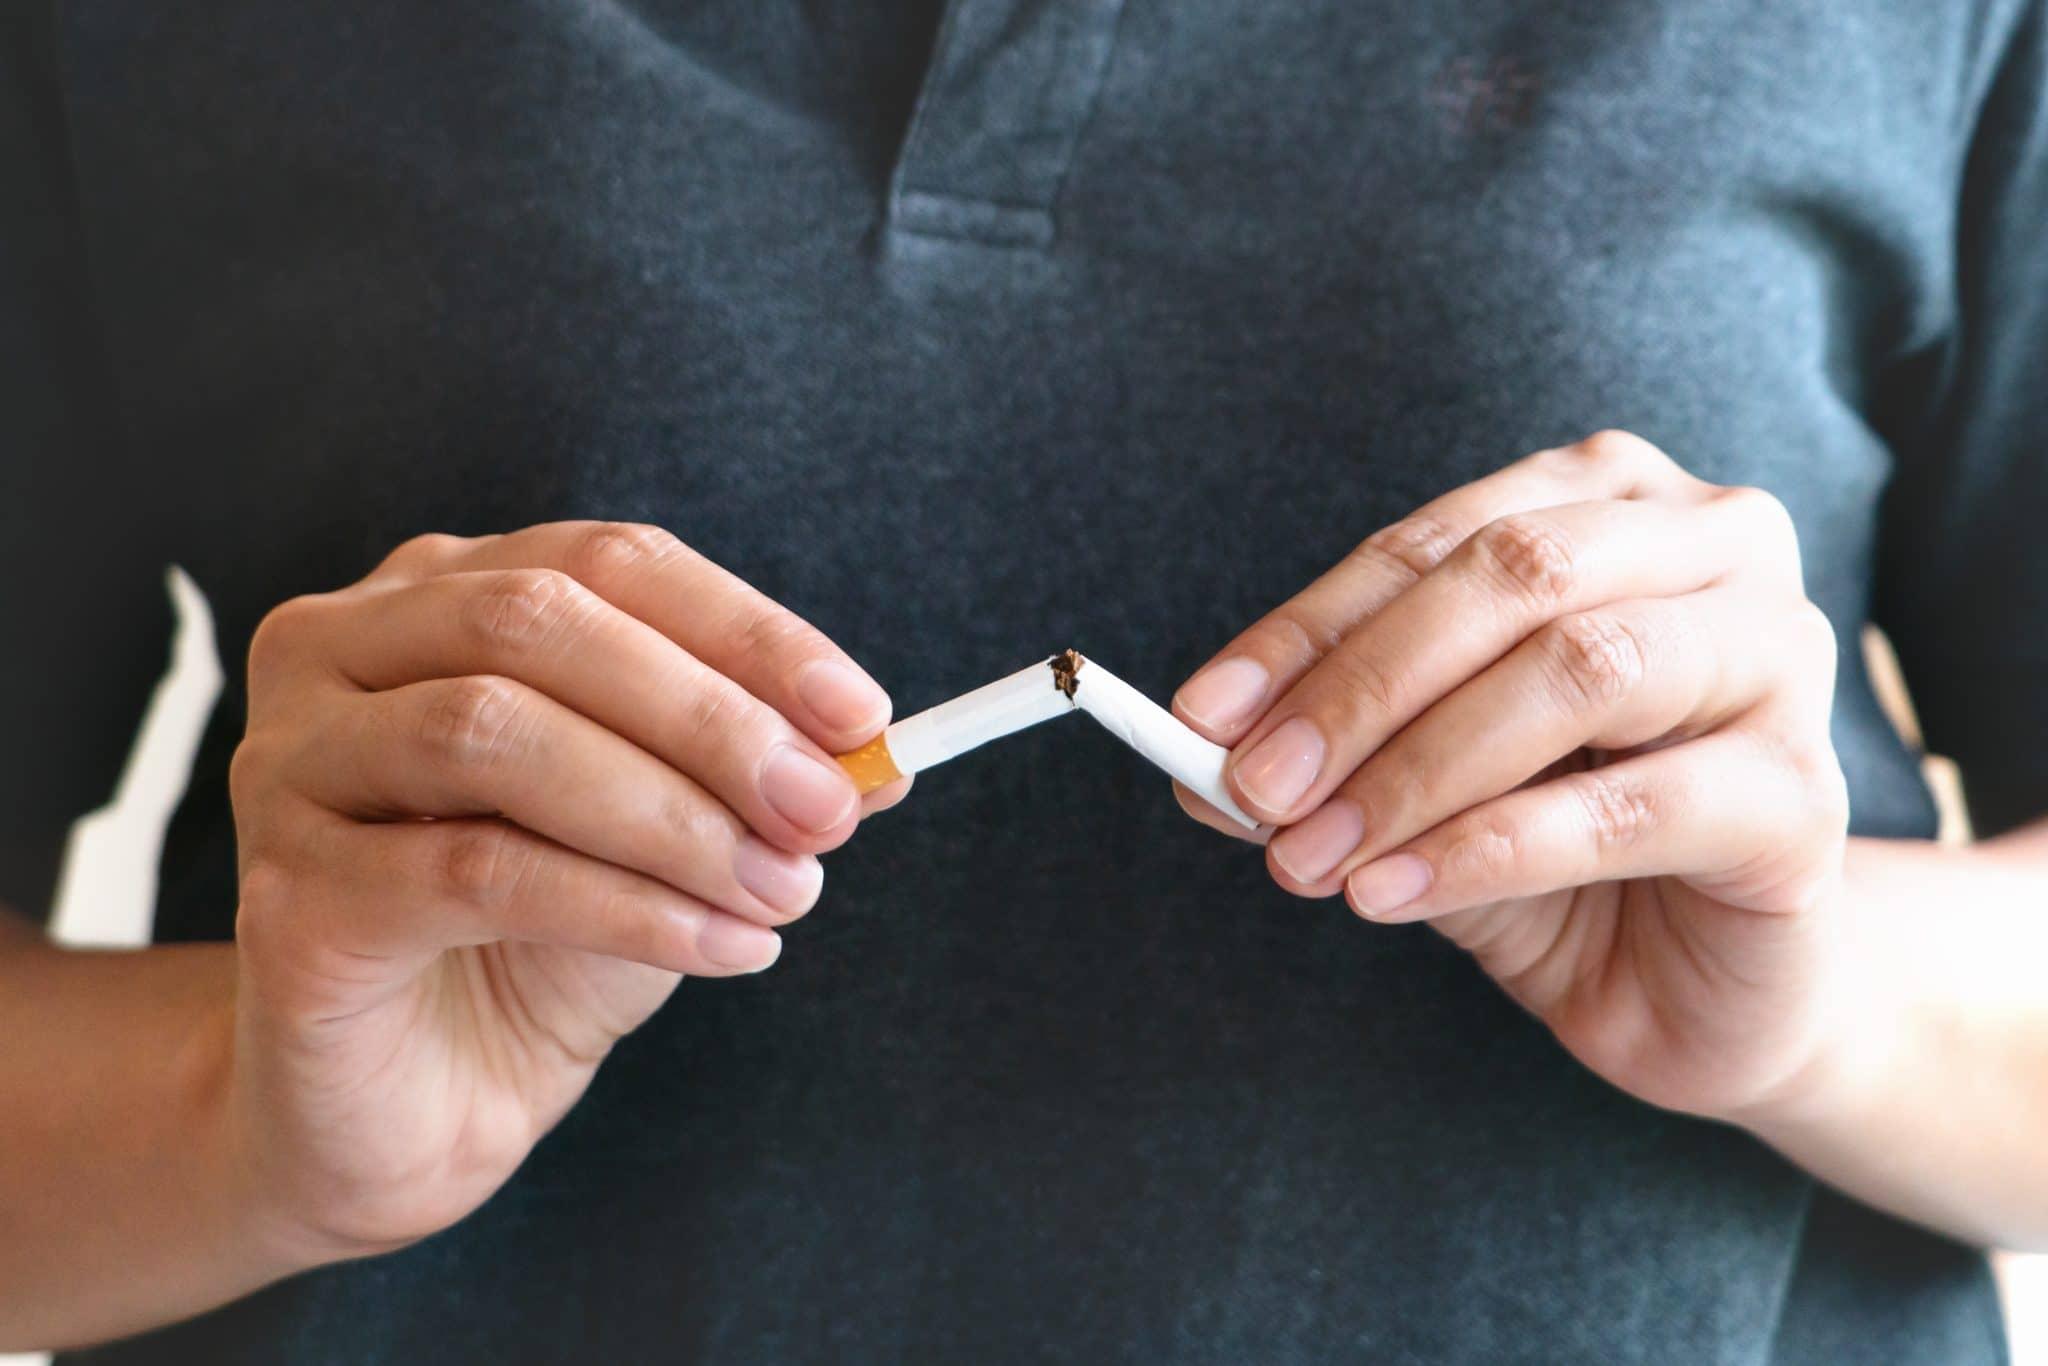 Neuseeland-sagt-mit-strengem-Gesetz-Zigaretten-den-Kampf-an